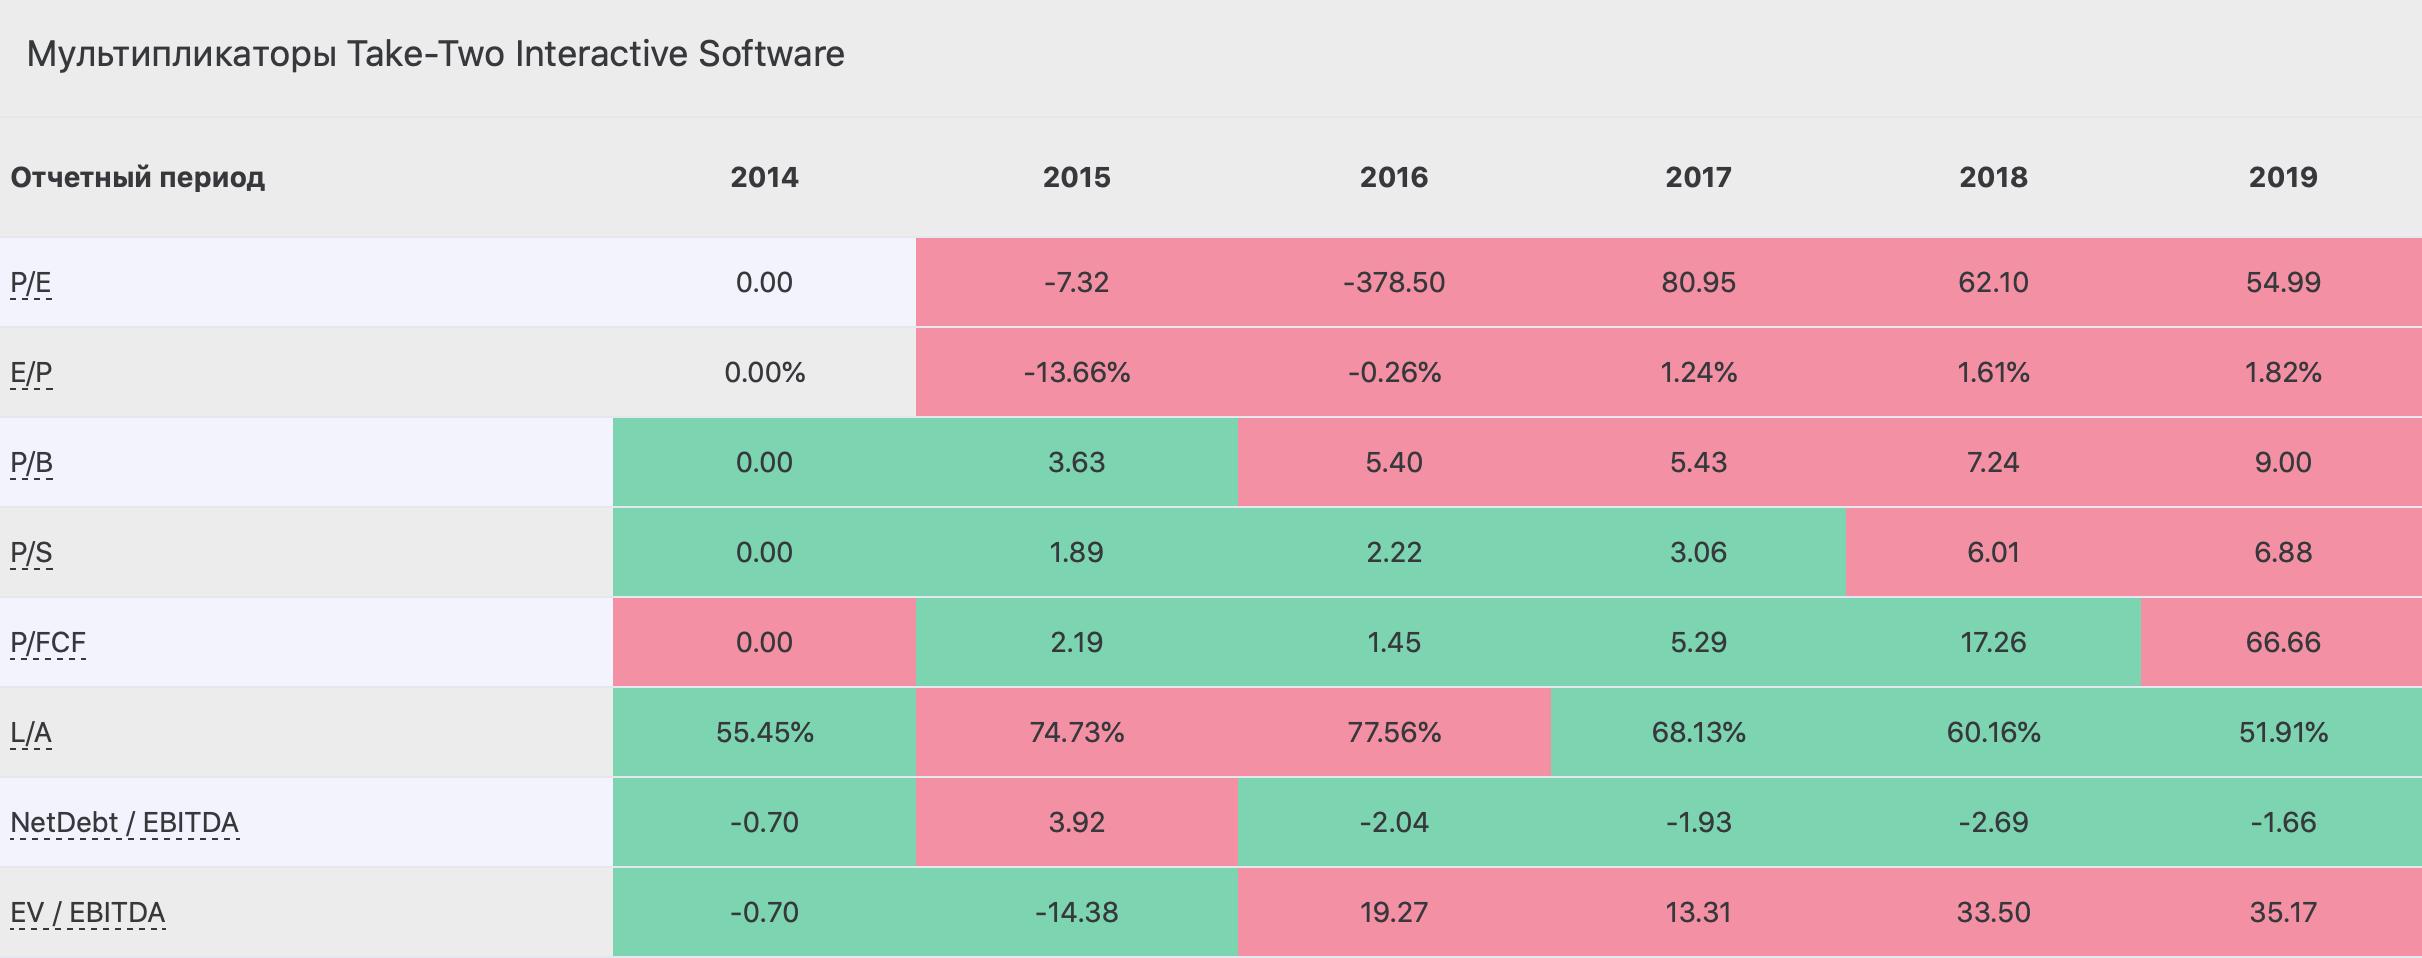 Разбор компаний Adobe Systems и Take-Two Interactive